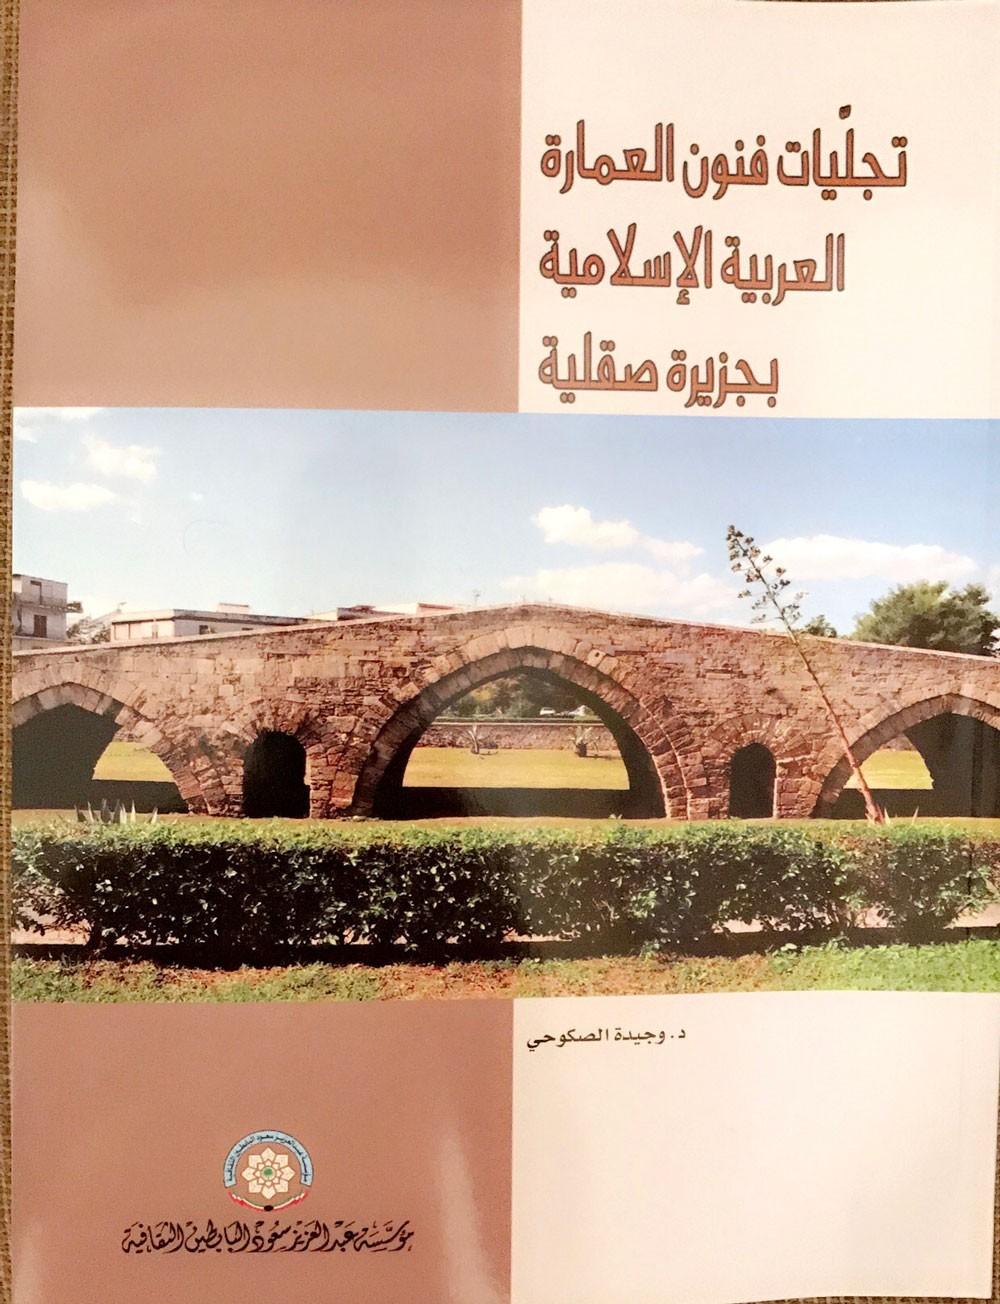 """كتاب يعيد اكتشاف آثار الحضارة العربية الإسلامية في جزيرة """"صقلية"""""""